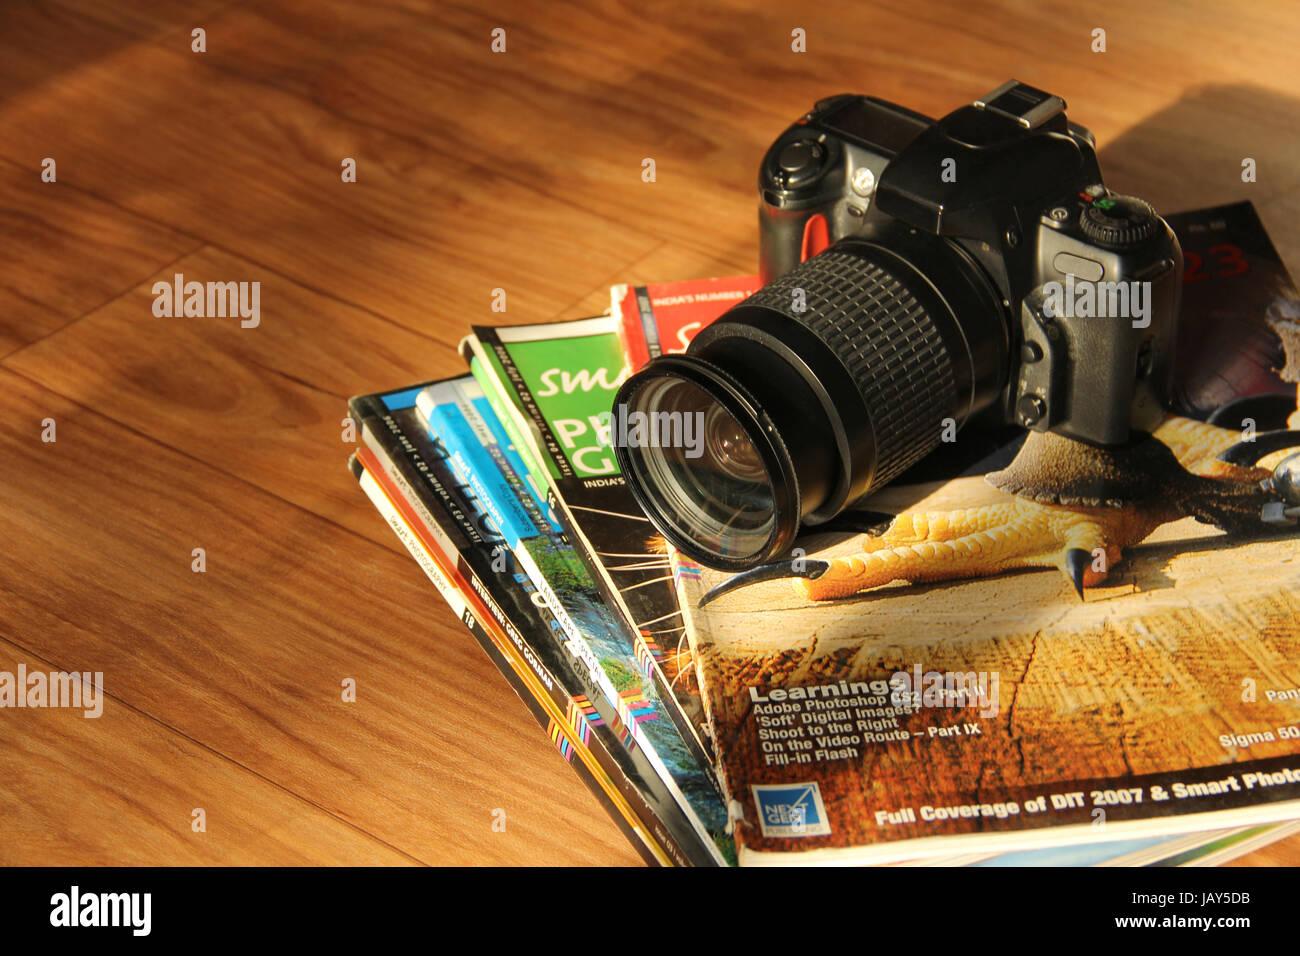 Vista ravvicinata della fotocamera reflex e riviste di fotografia Foto Stock